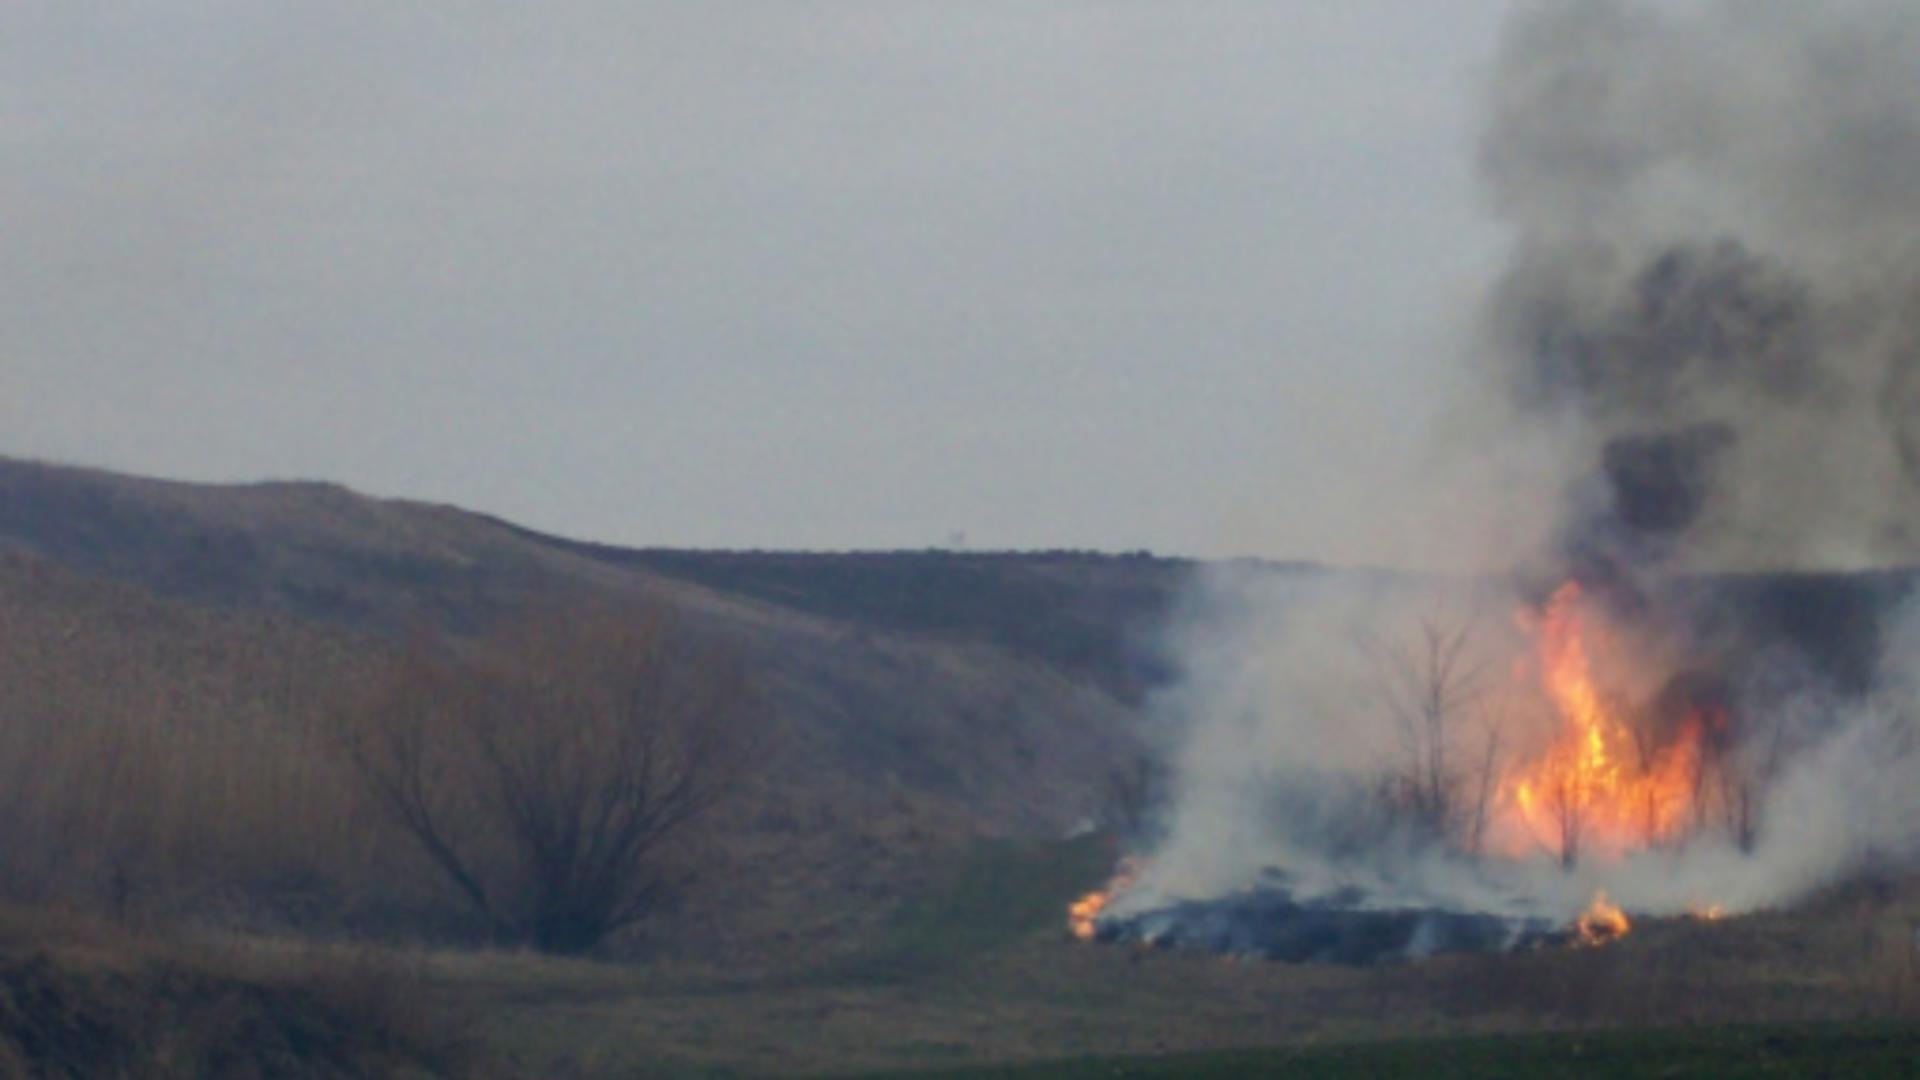 Arderile de vegetatie sunt poluante (Garda de Mediu)